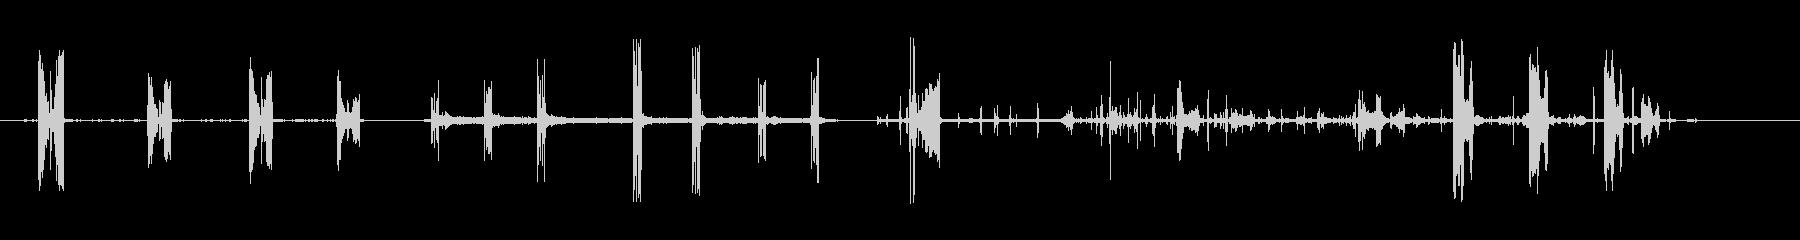 ヤマウズラグリルの未再生の波形